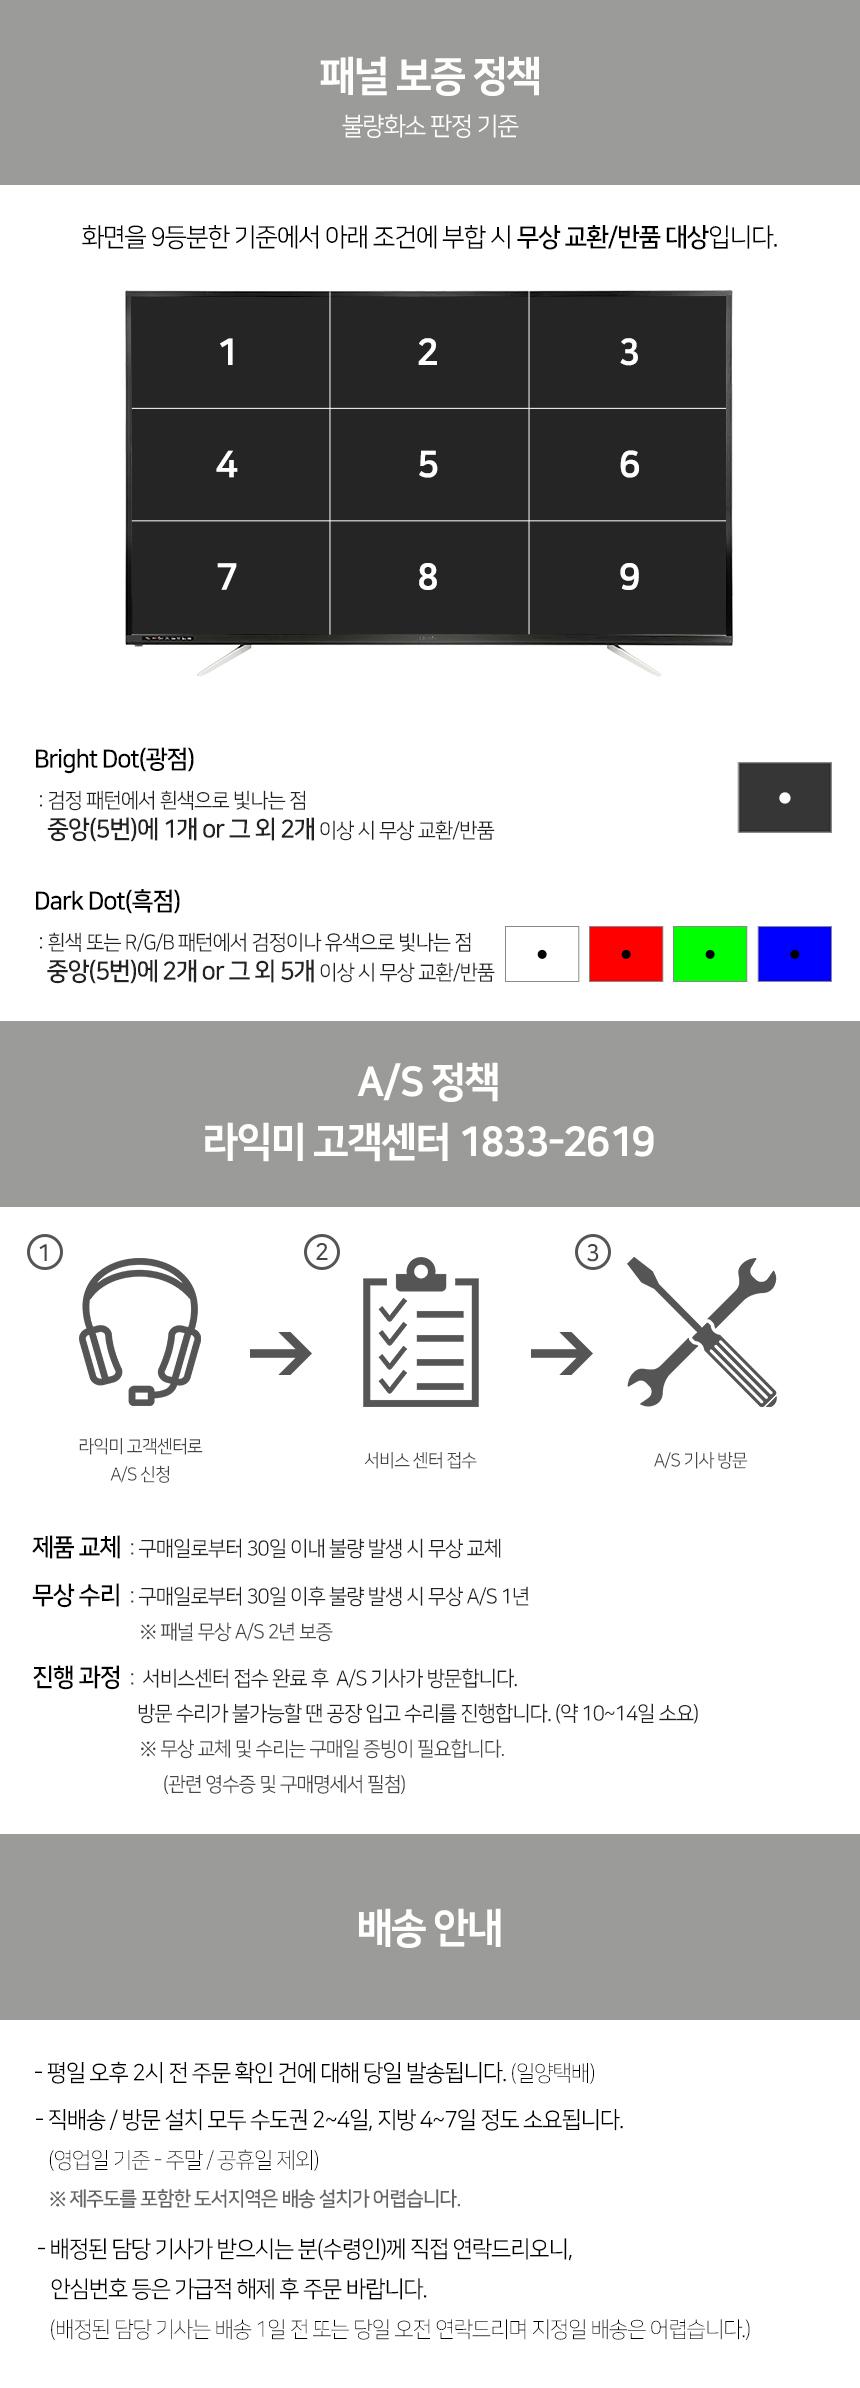 라익미 울트라 D8601L UHD 4K HDR (벽걸이)